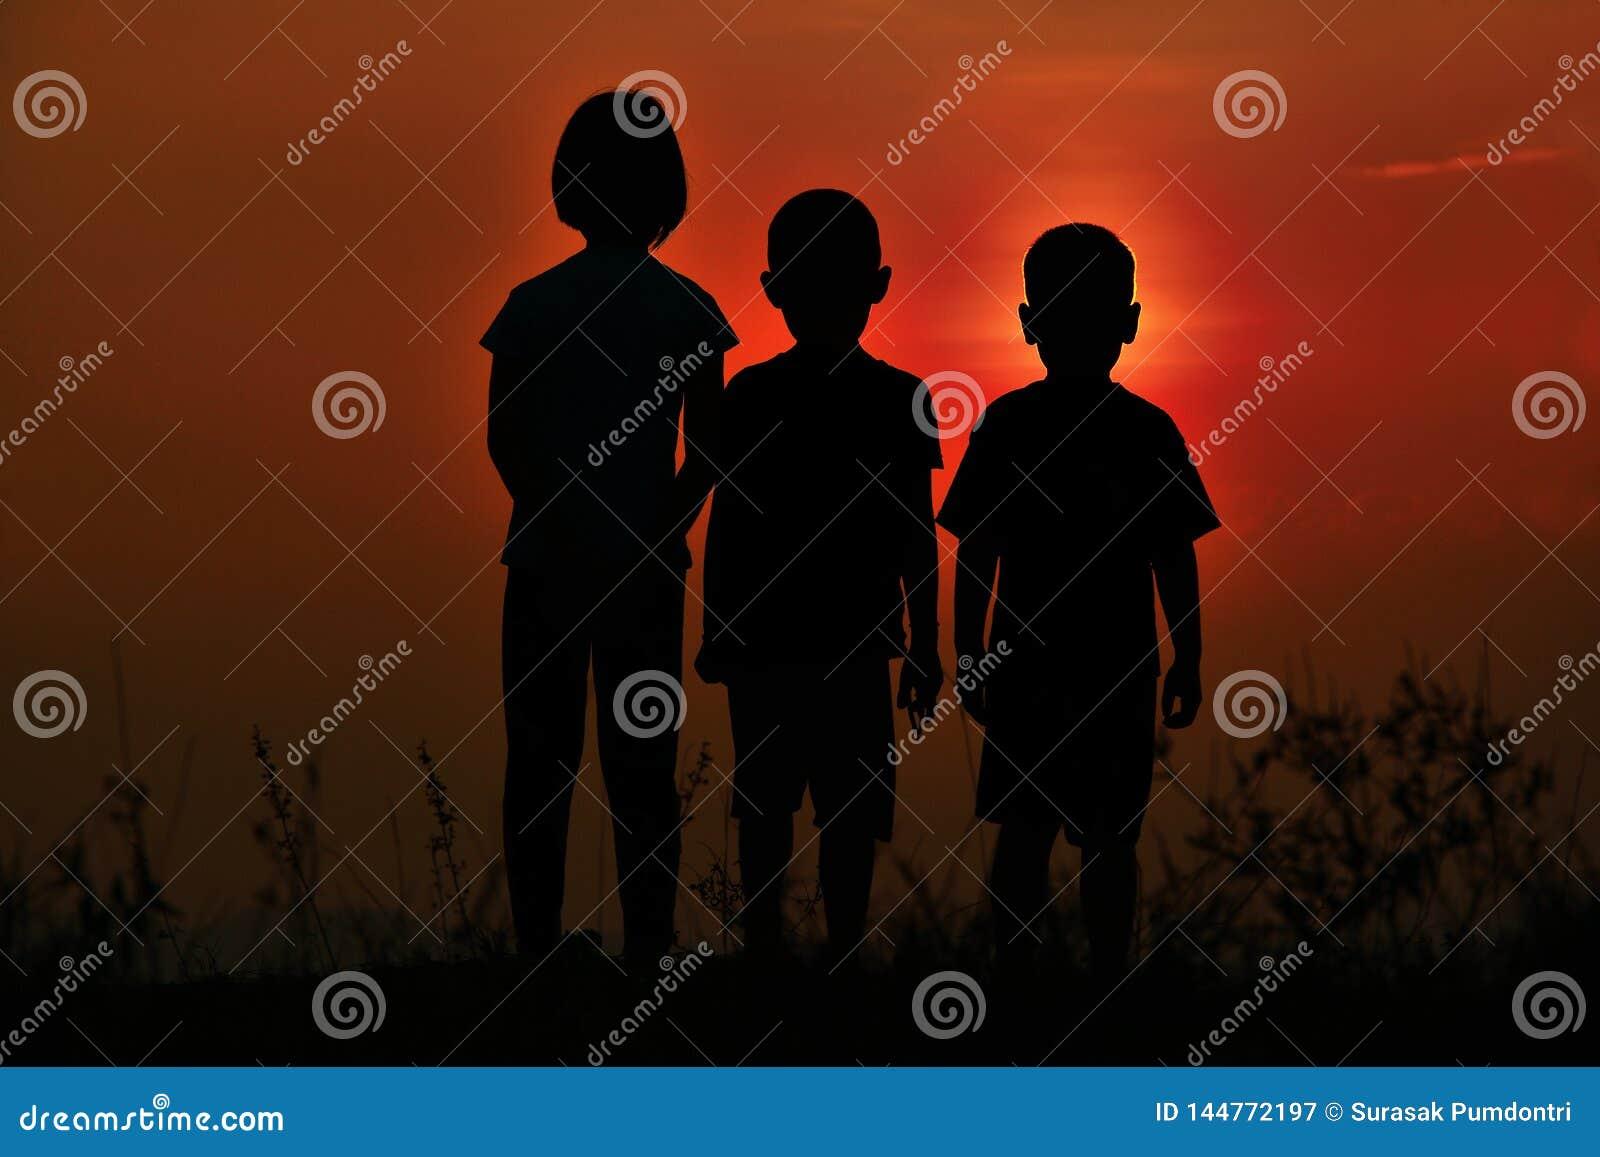 Zwart silhouet van drie kinderen die zich verenigen Er is een hemel bij zonsondergang